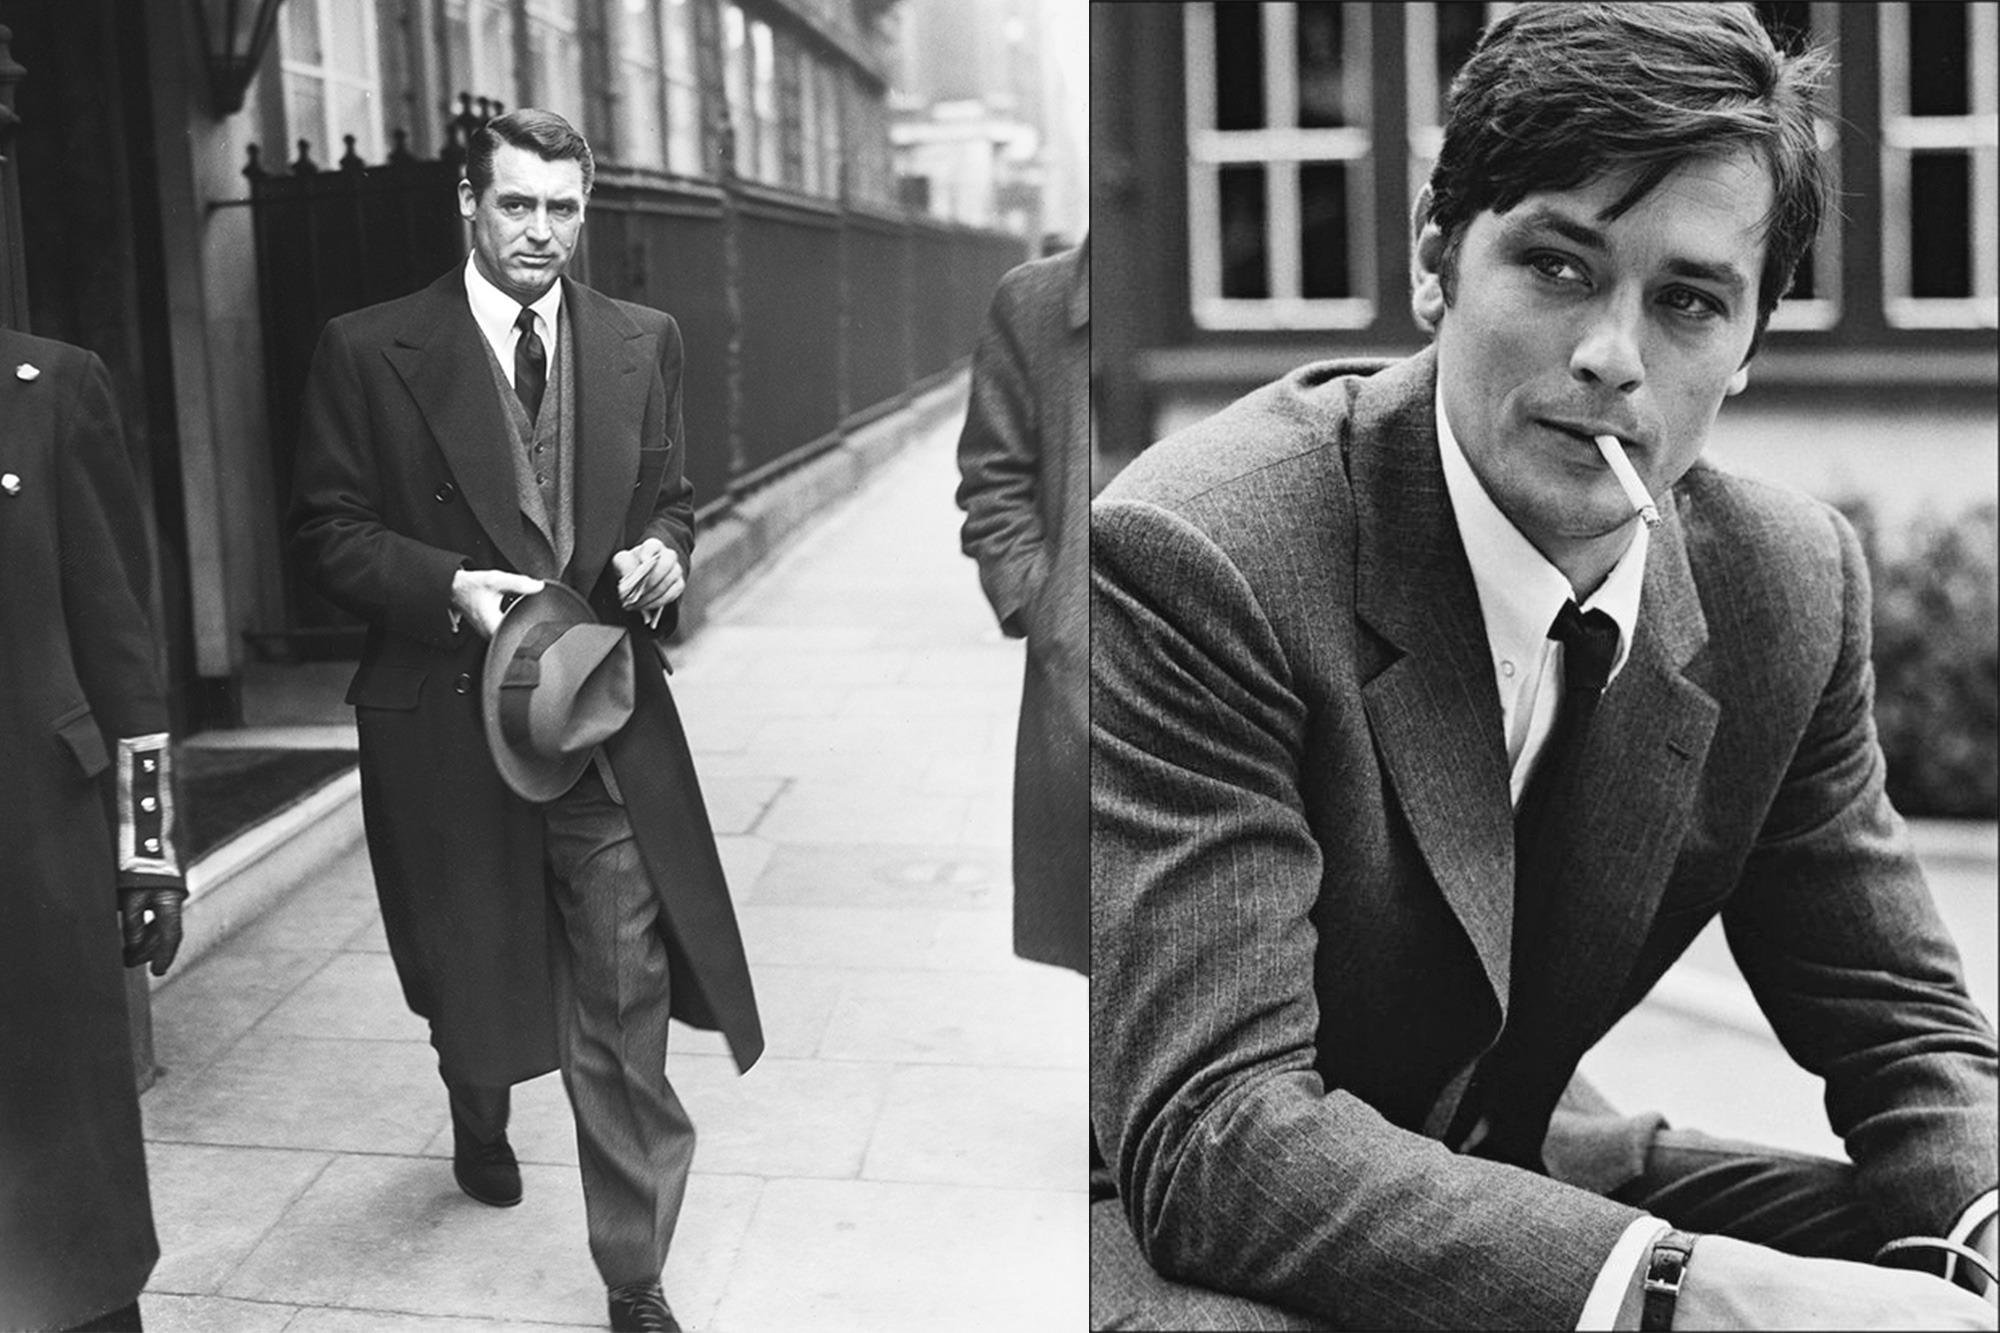 Icones de style Husbands - Cary Grant et Alain Delon